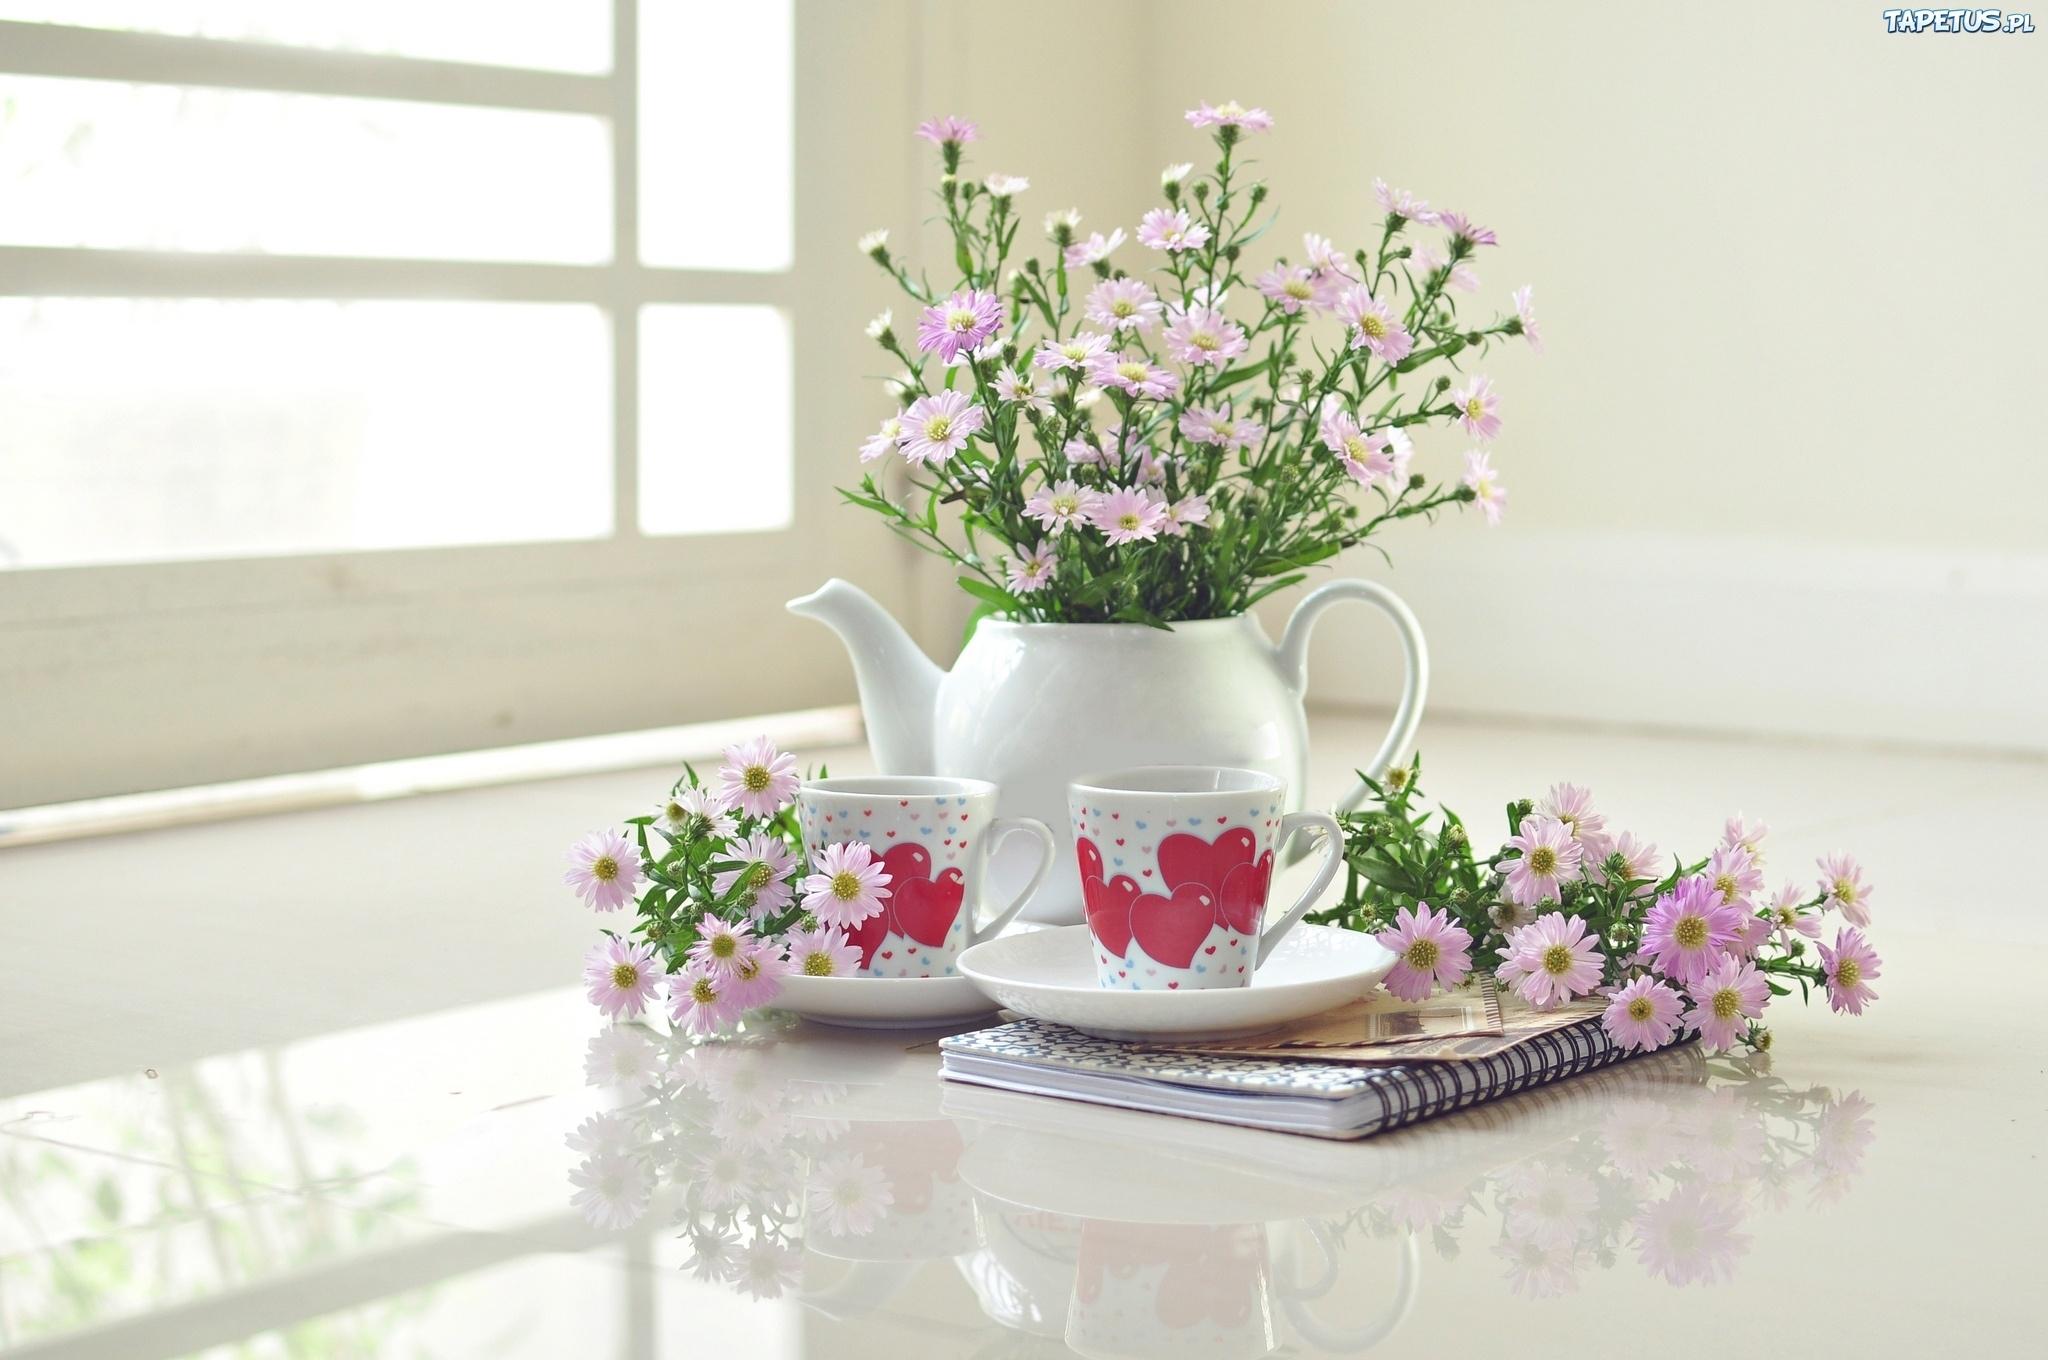 розы книга чай чайник кружка загрузить